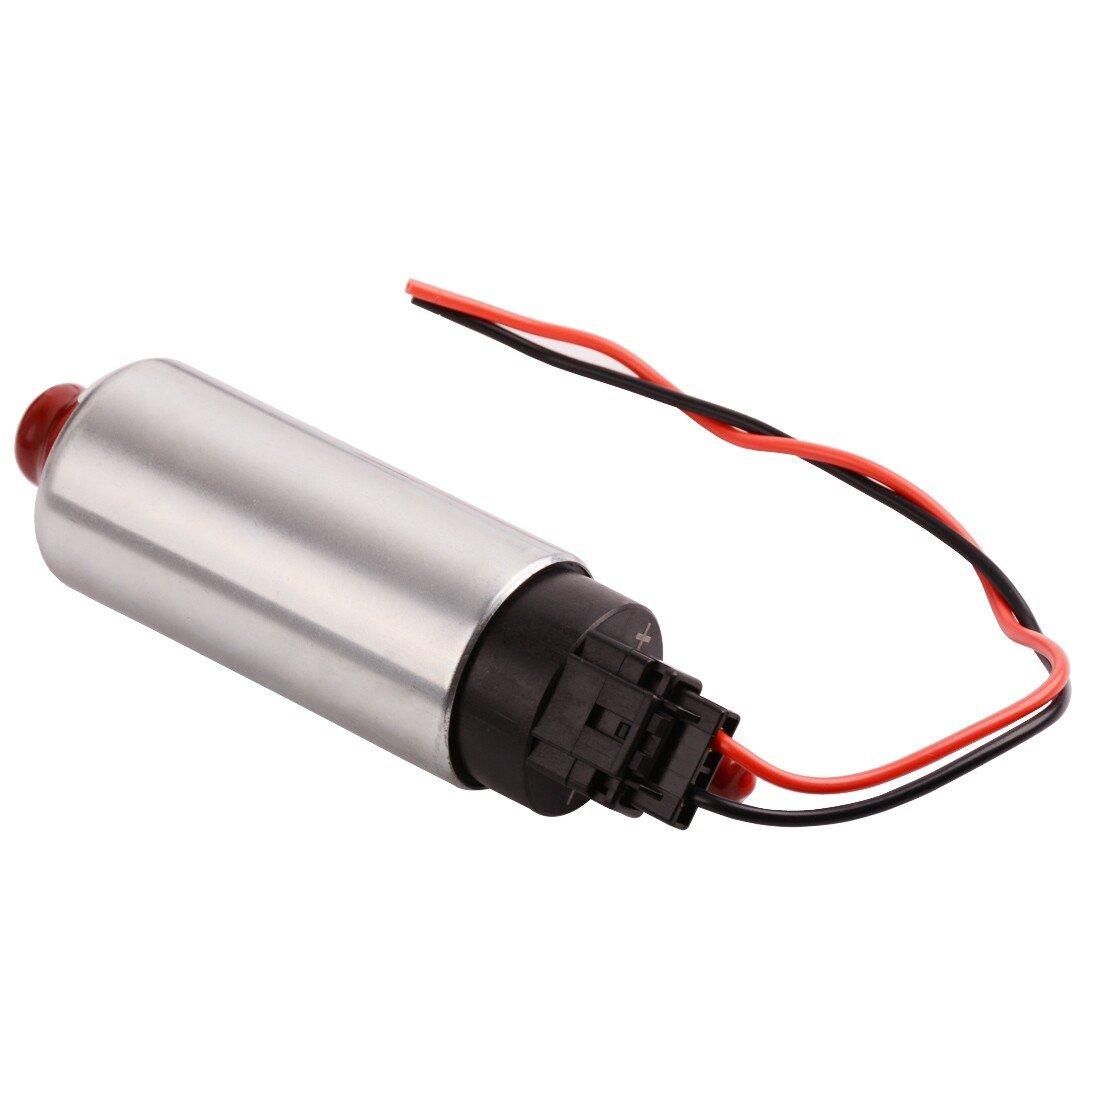 255lph Asamblea repuesto EFI bomba de combustible eléctrica con instalar Kit gss341: Amazon.es: Coche y moto